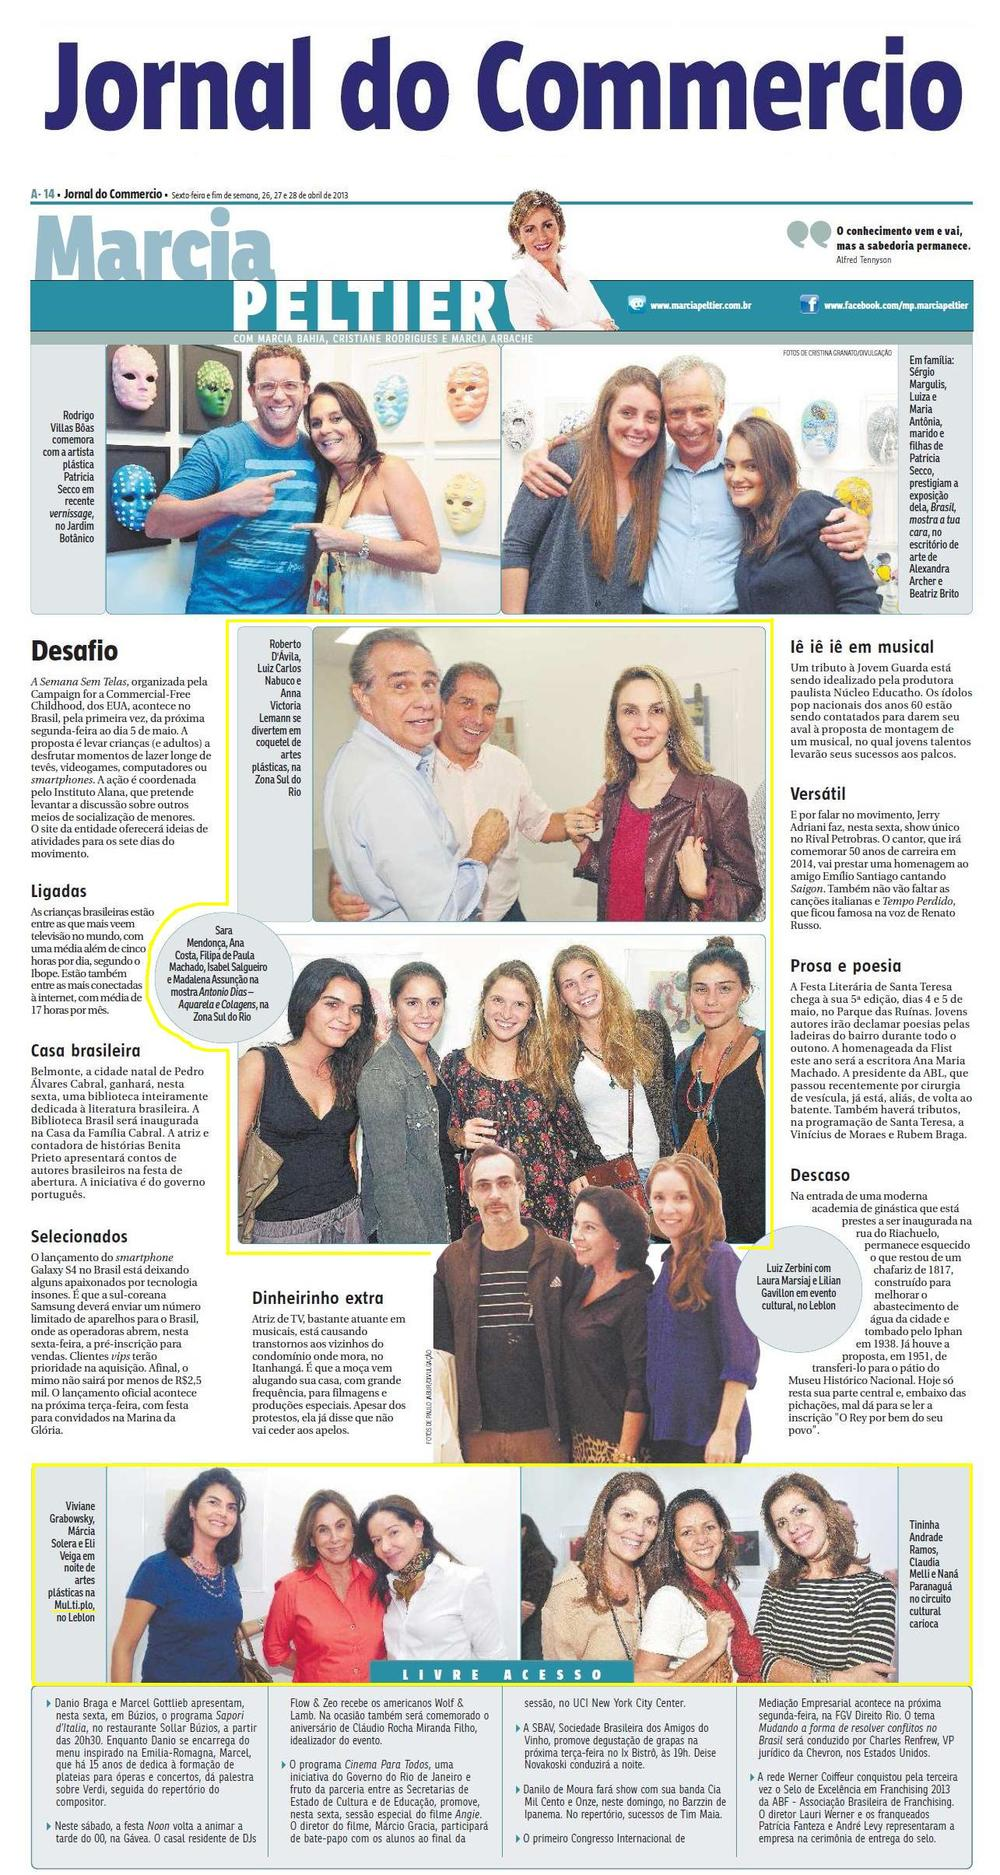 MÚL.TI.PLO ESPAÇO ARTE NO JORNAL DO COMMERCIO 26, 27 e 28.04.2013.JPG